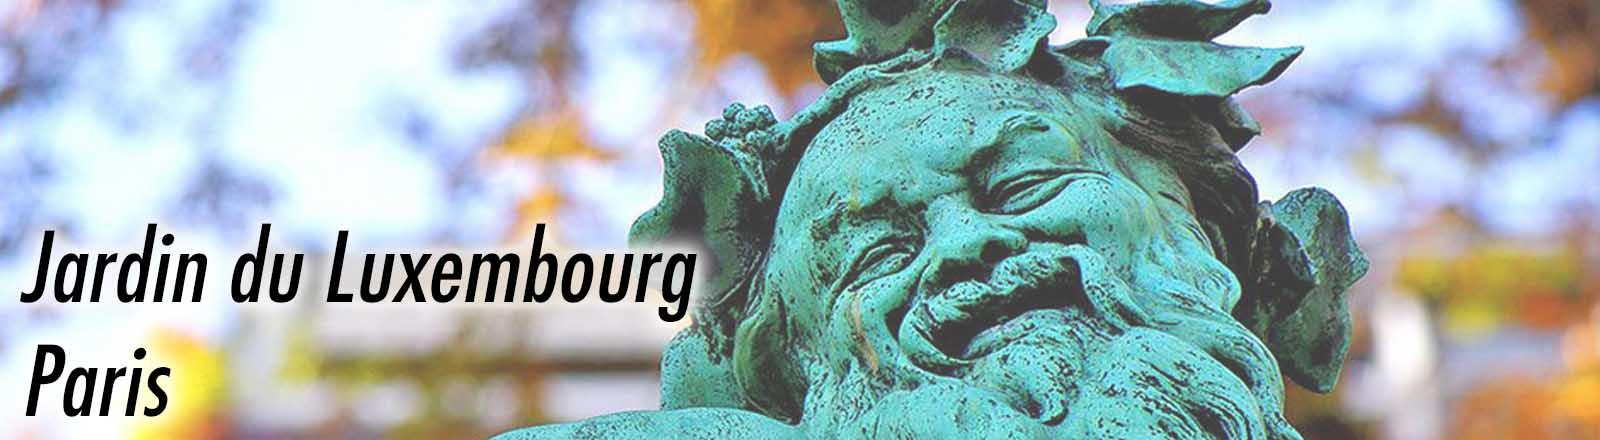 Le triomphe de Silène, jardin du Luxembourg